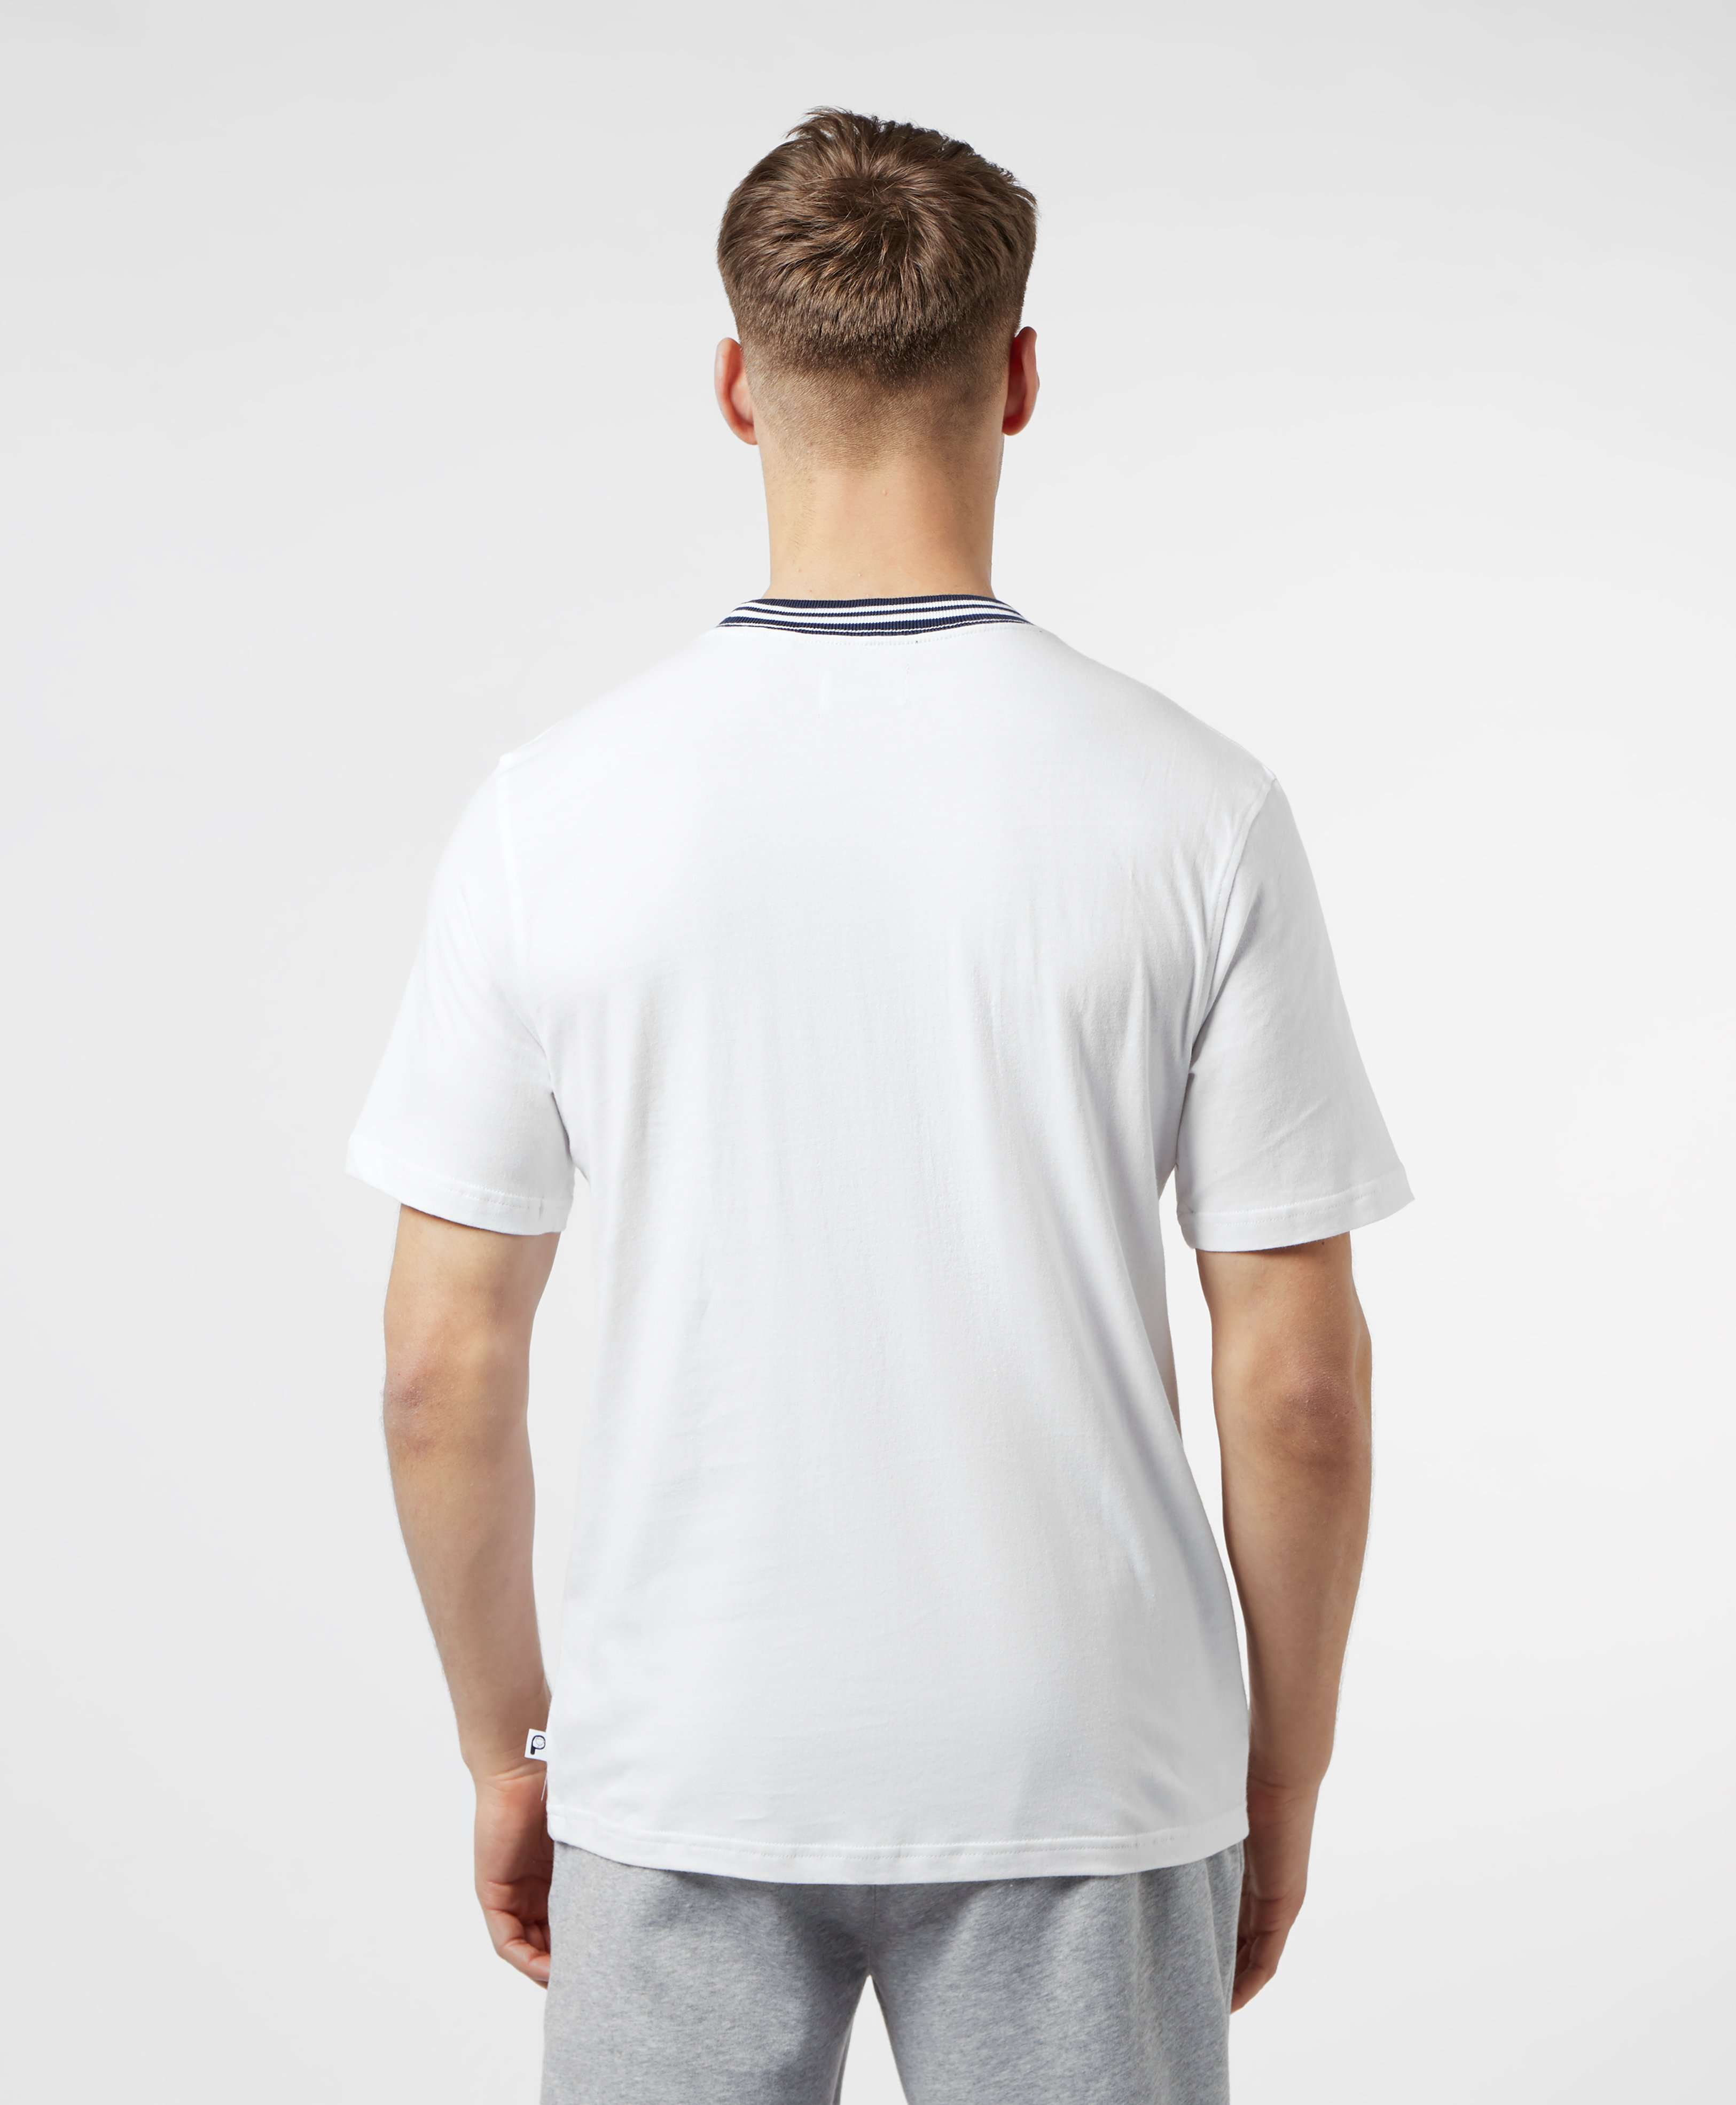 Penfield Highland Short Sleeve T-Shirt